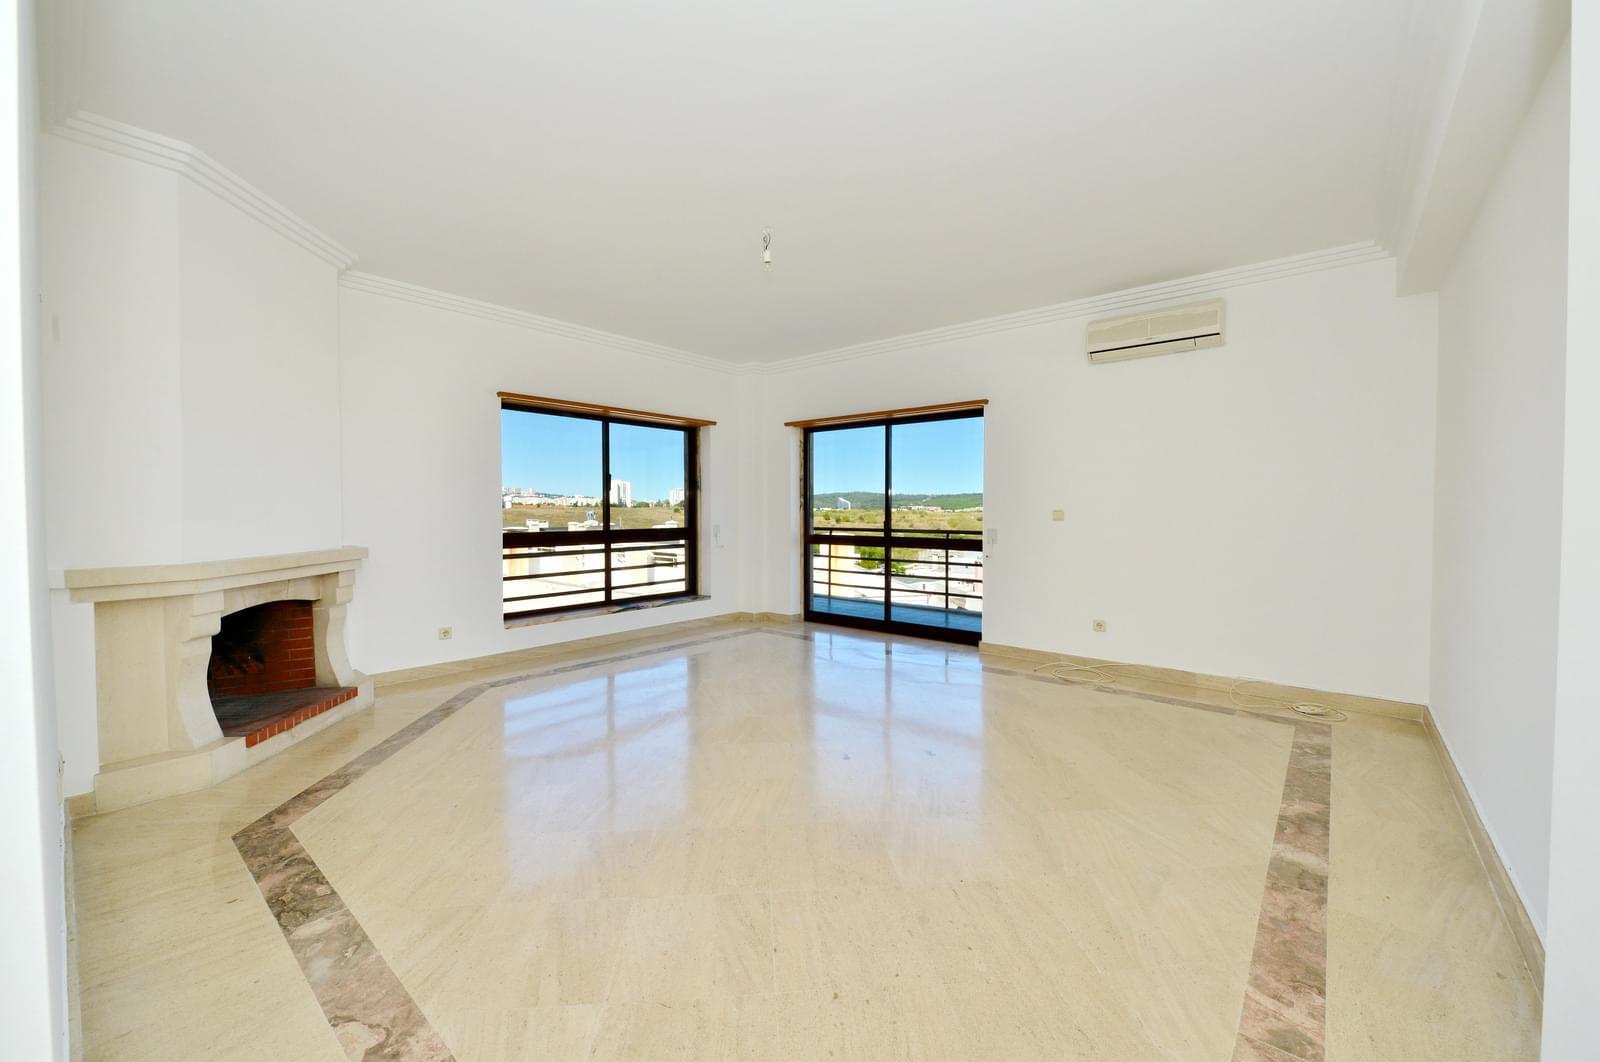 pf17174-apartamento-t3-oeiras-cf72562b-93f9-4e44-bd22-86bf8691e60e